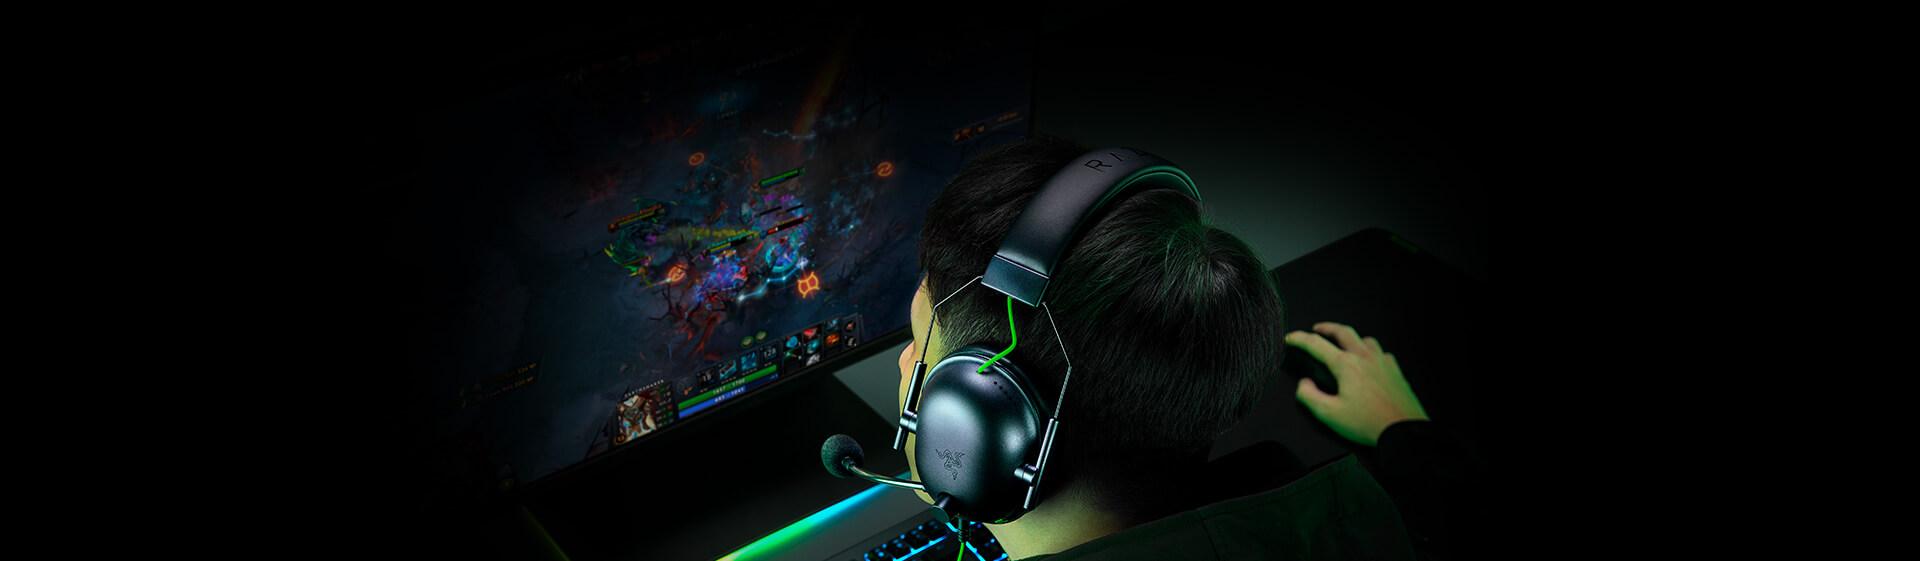 Tai nghe Razer BlackShark V2 X - Wired Gaming Headset - RZ04-03240100-R3M1 có tính năng cách âm thụ động tiên tiến